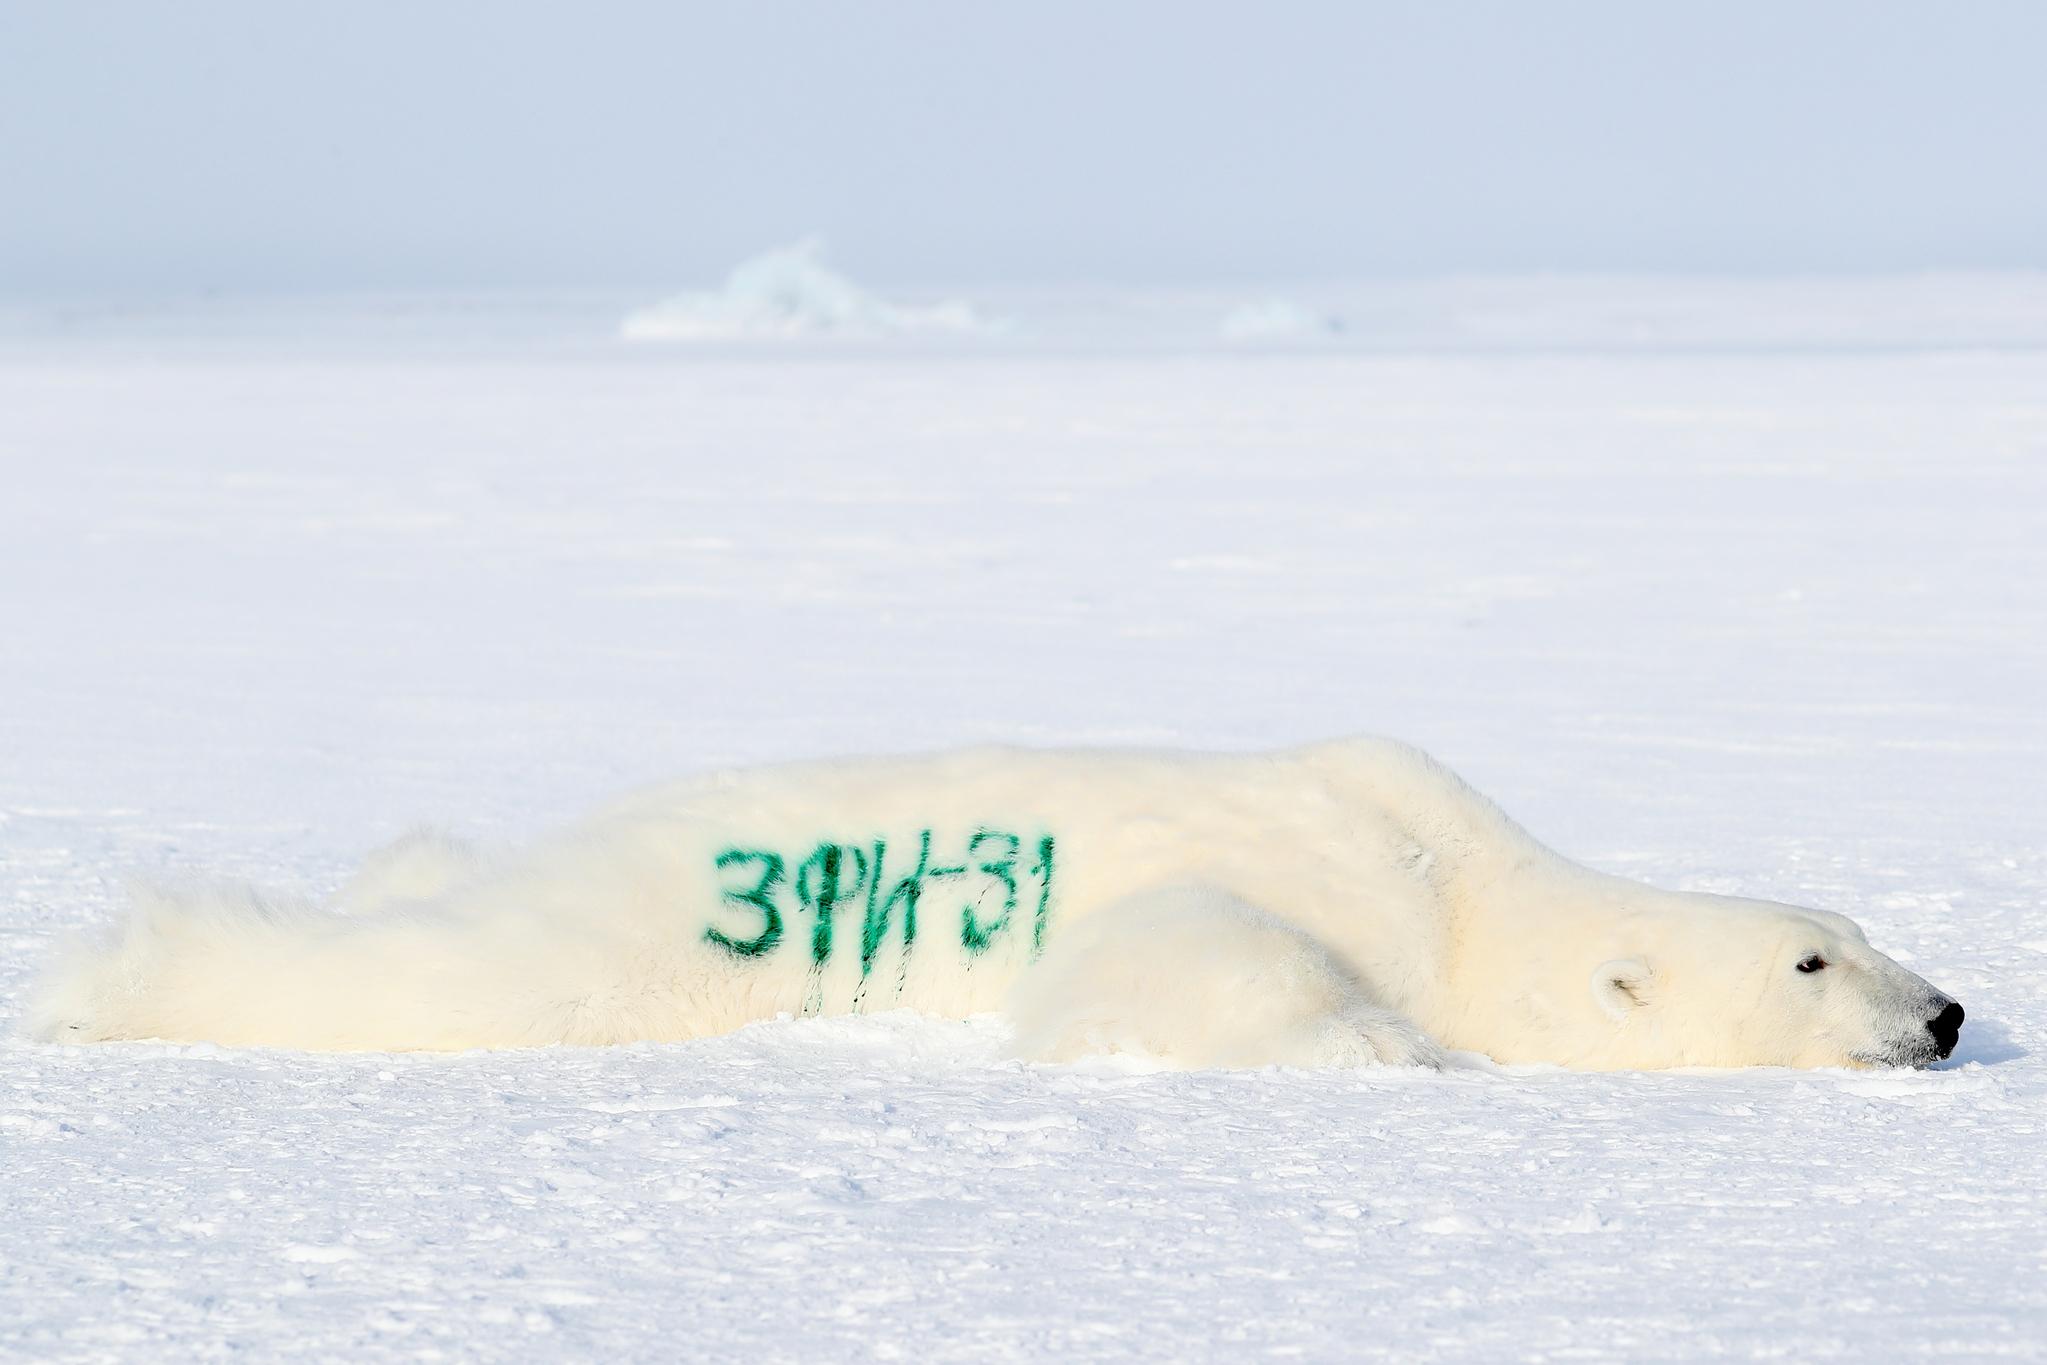 러시아 지리 탐사대가 북극해 알렉산드라 섬에서 북극곰을 마취한 뒤 곰 몸통에 인식번호를 썼다. 러시아지리협회가 조직한 북극탐사대는 지난 3월 중순부터 북극해 프란츠 요셉 군도에서 연구활동을 벌이고 있다. TASS=연합뉴스